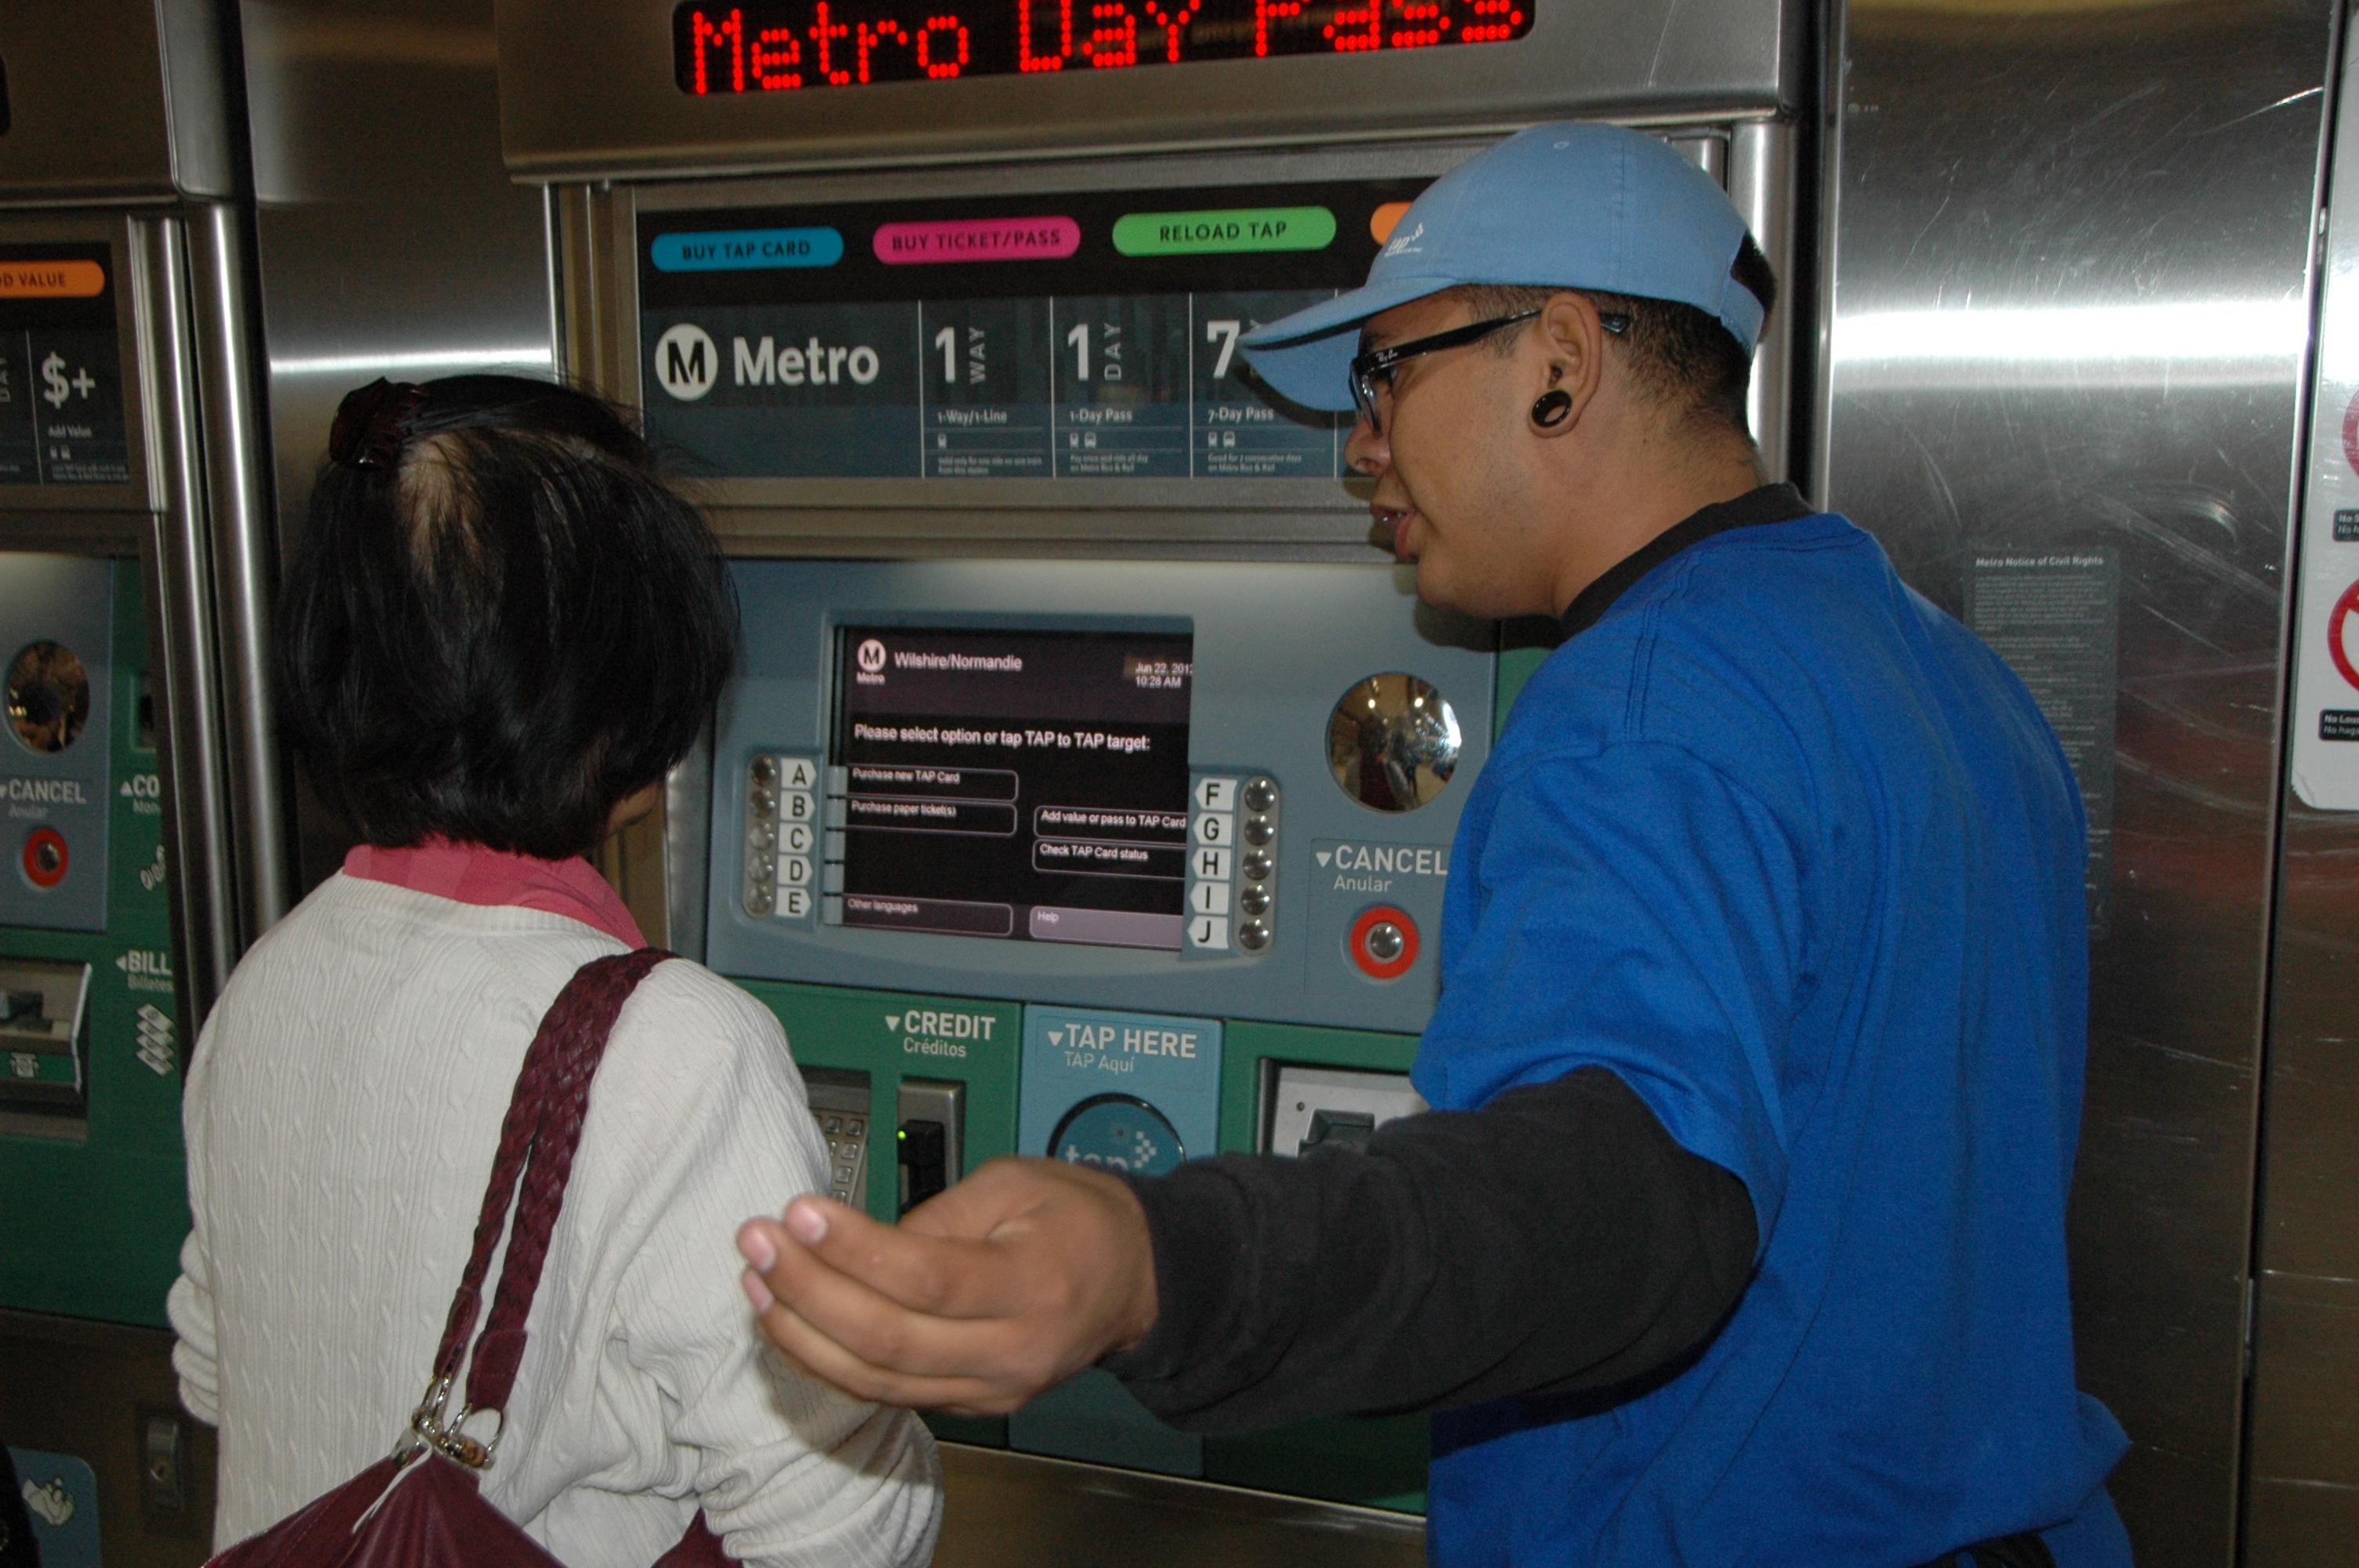 Empleado de Metro ayuda a una persona a comprar la tarjeta TAP en la estación Normandie de la Línea Morada del Metro.